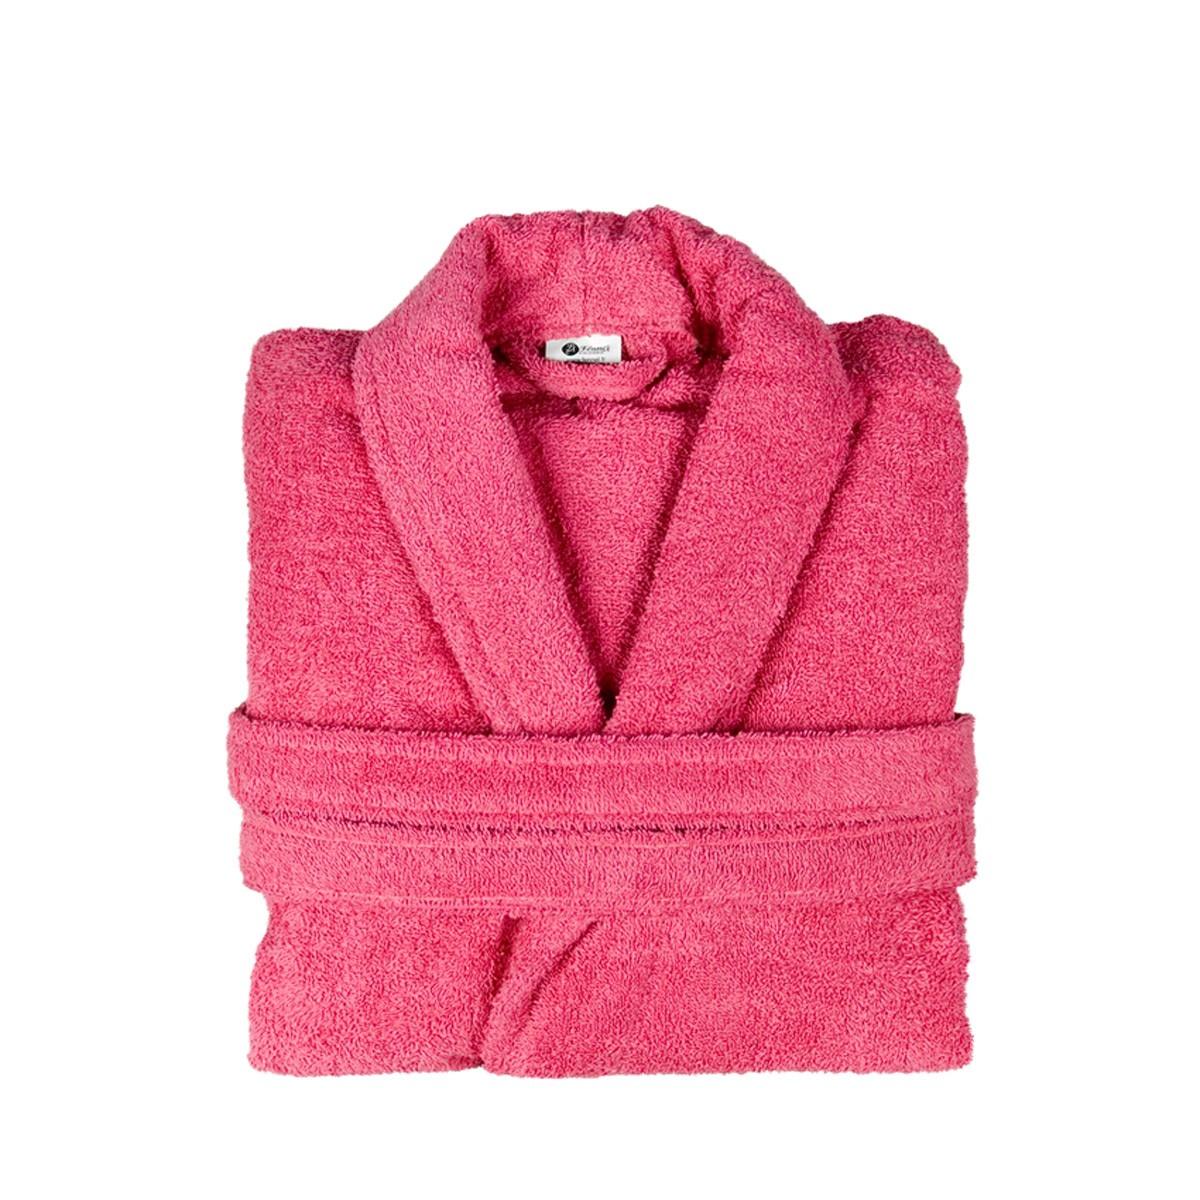 Μπουρνούζι Με Γιακά Fennel Comfort Φούξια SMALL SMALL